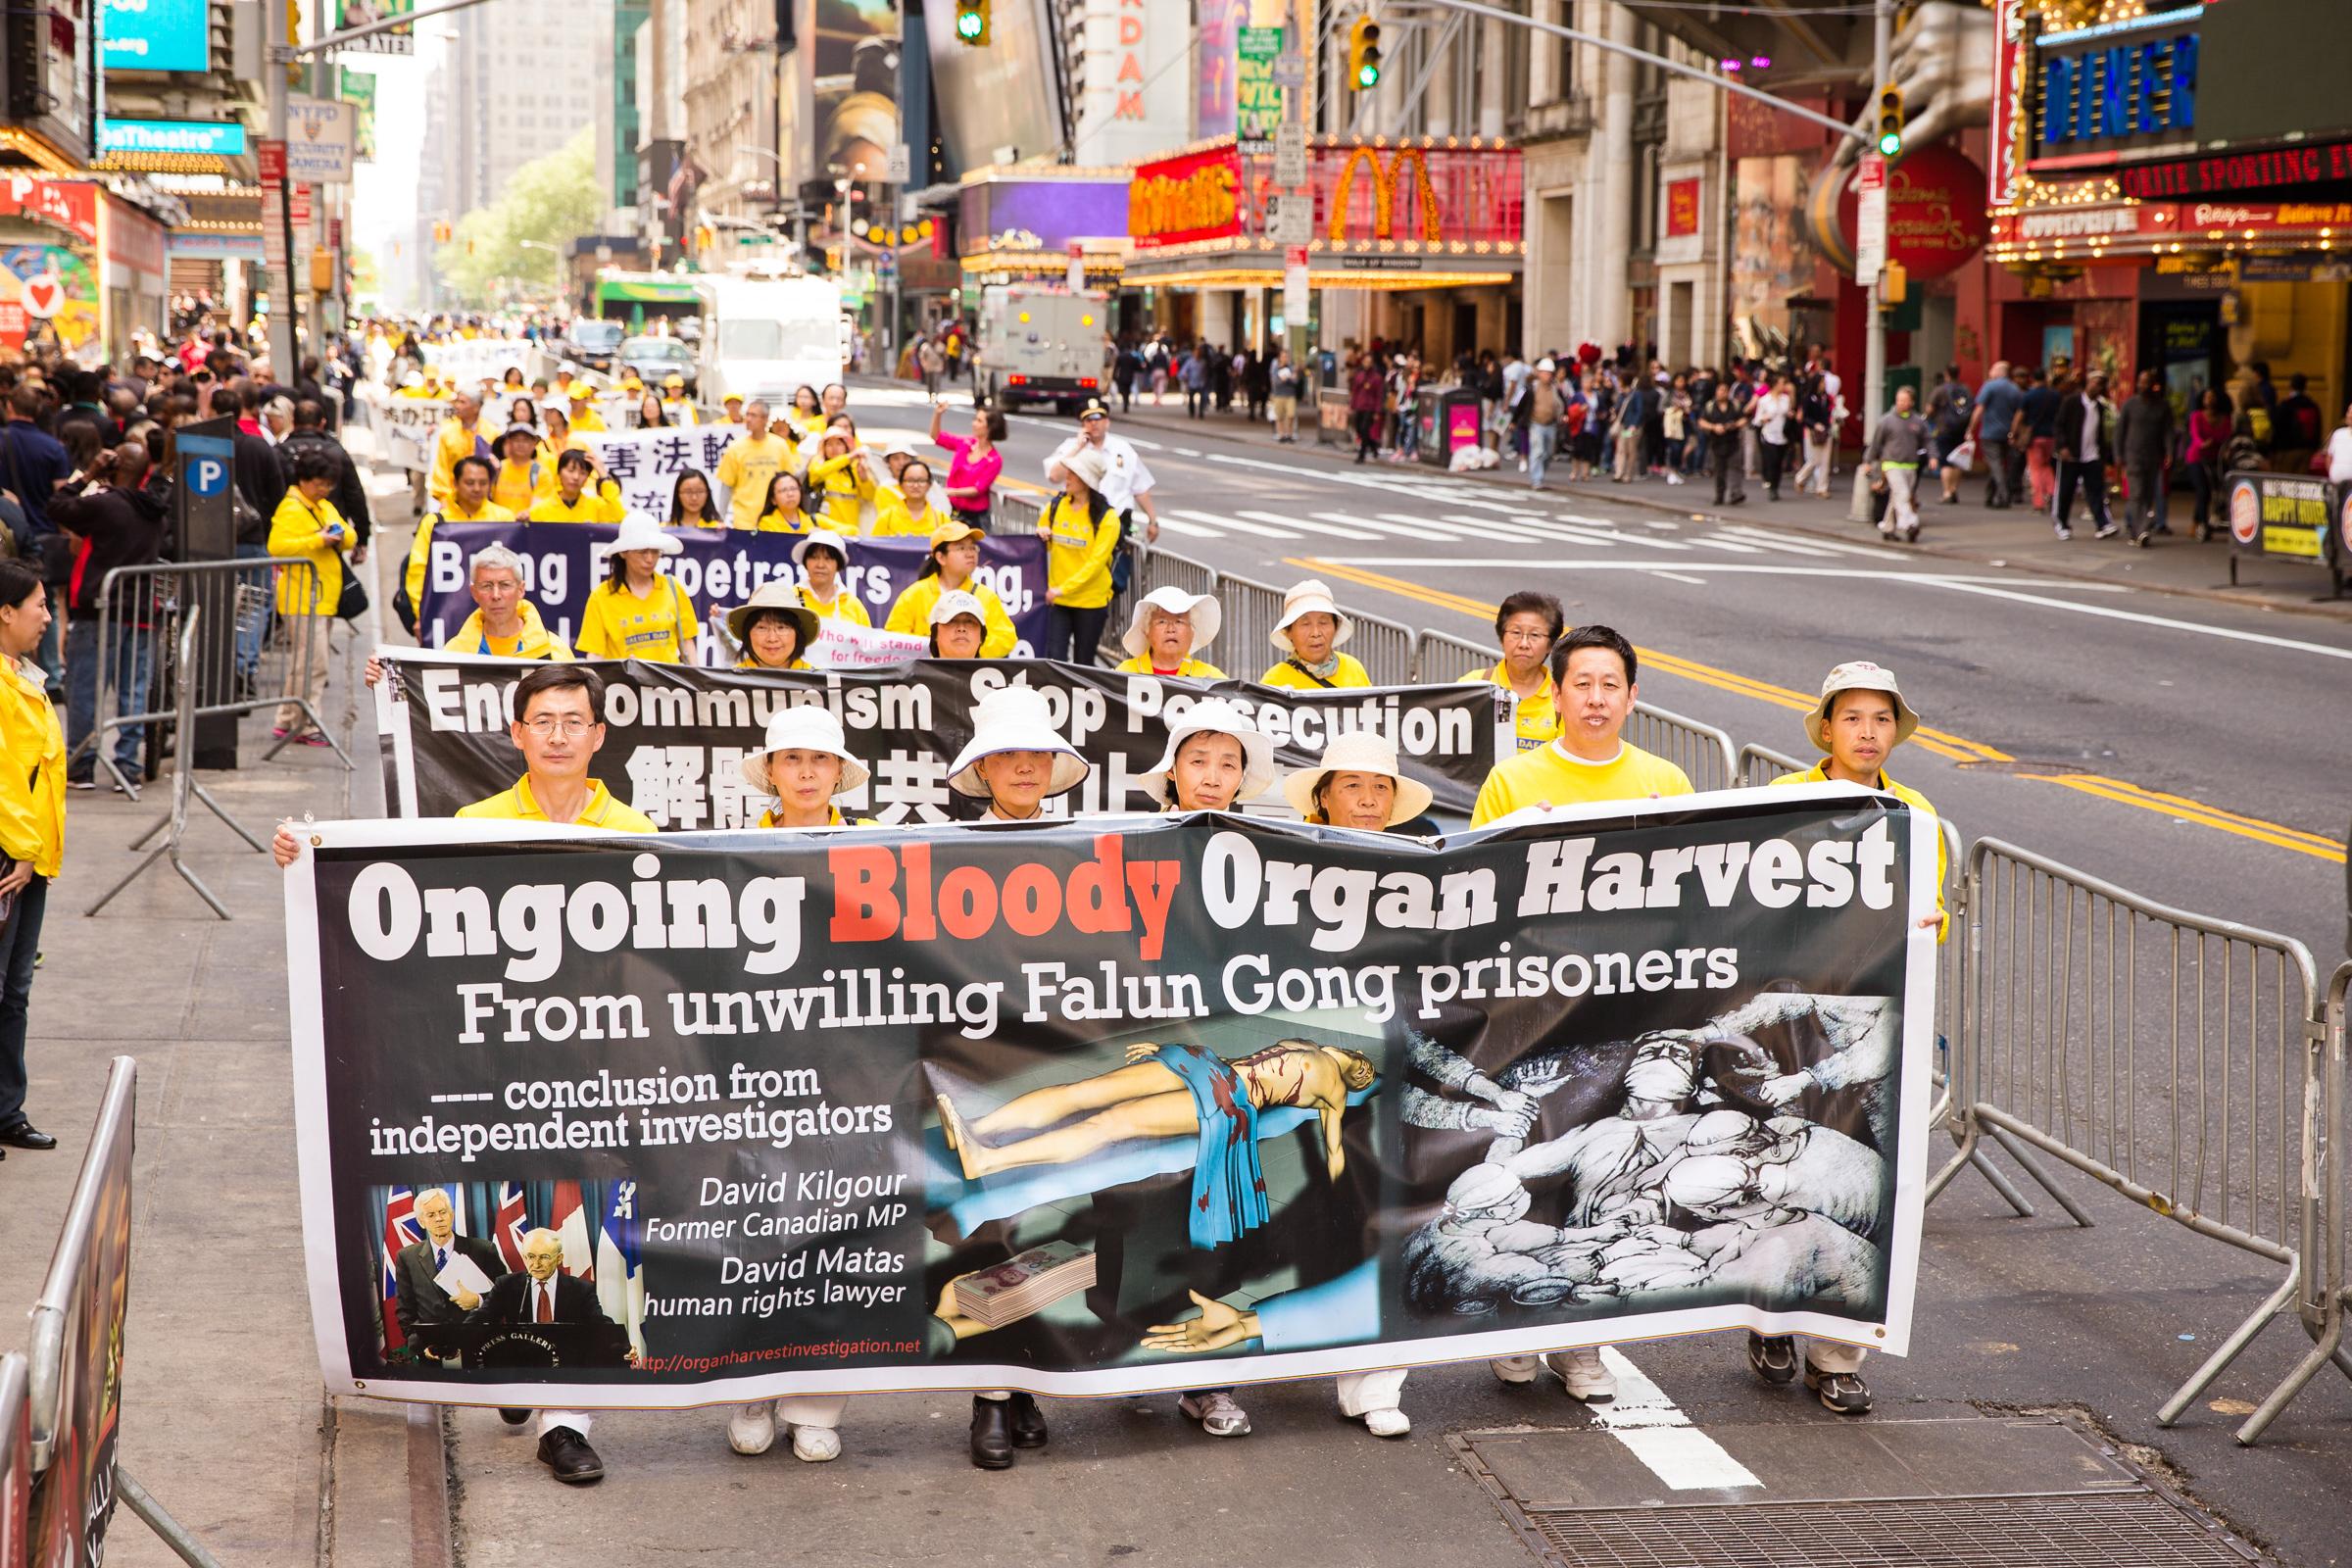 Học viên Pháp Luân Công diễu hành để kêu gọi chấm dứt cuộc đàn áp và nạn mổ cướp nội tạng tại một sự kiện ở New York ngày 15/5/2015.